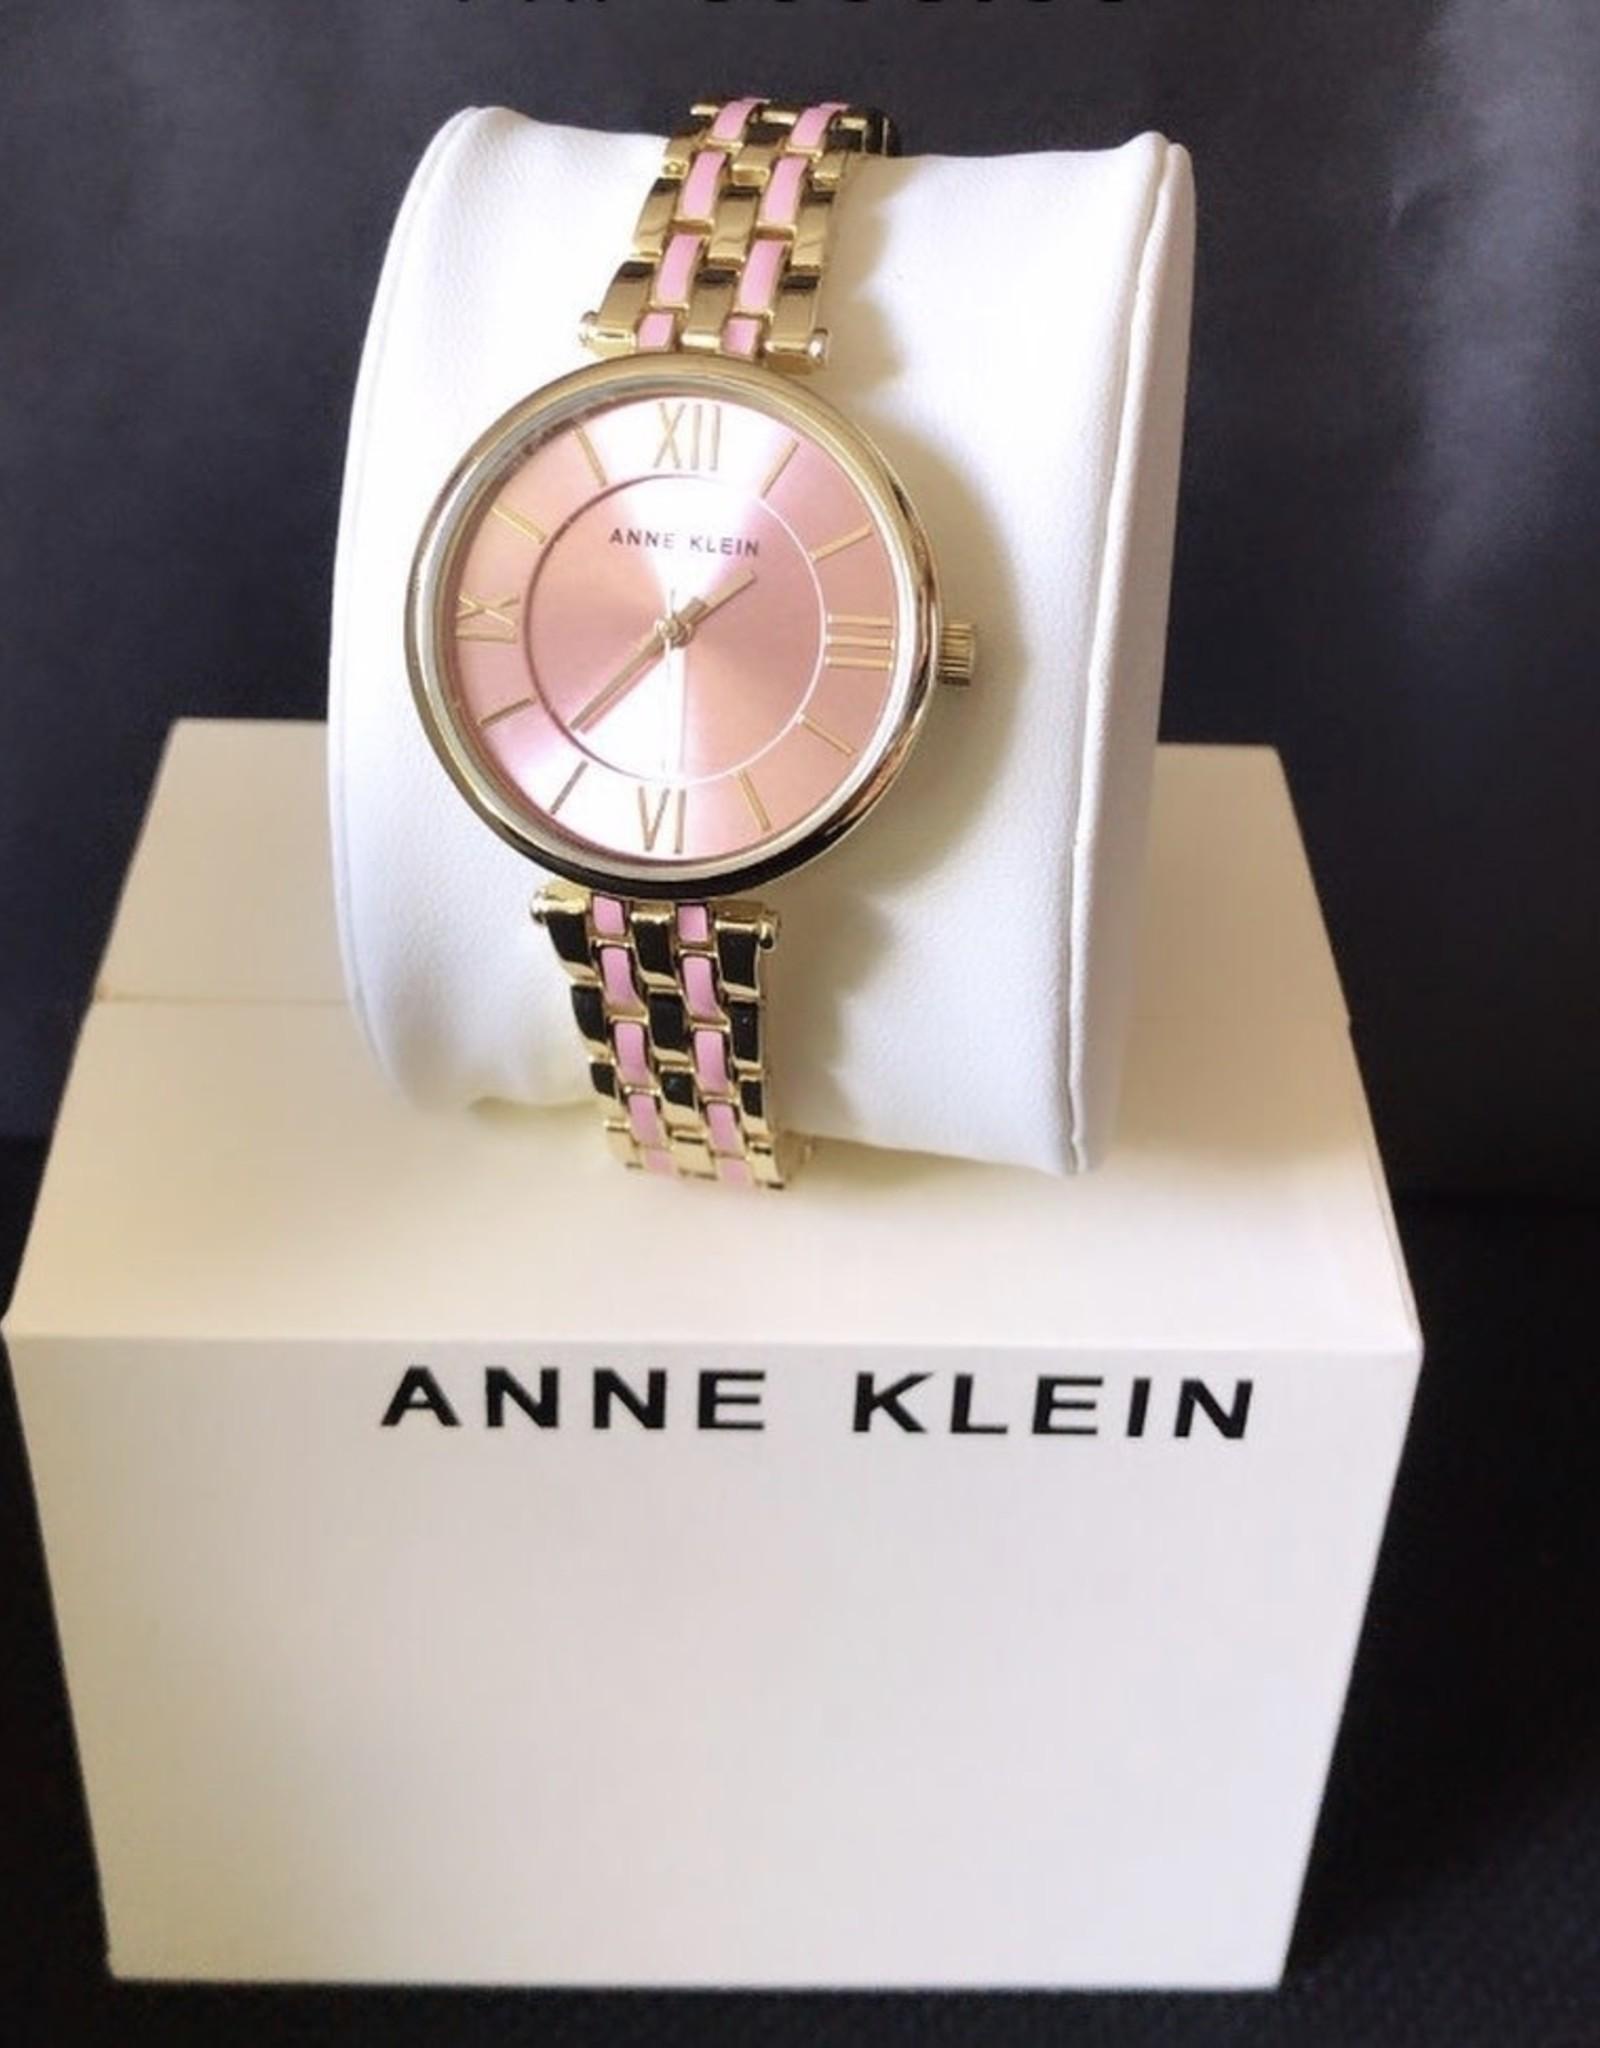 Anne Klein Anne Klein Women's Watch